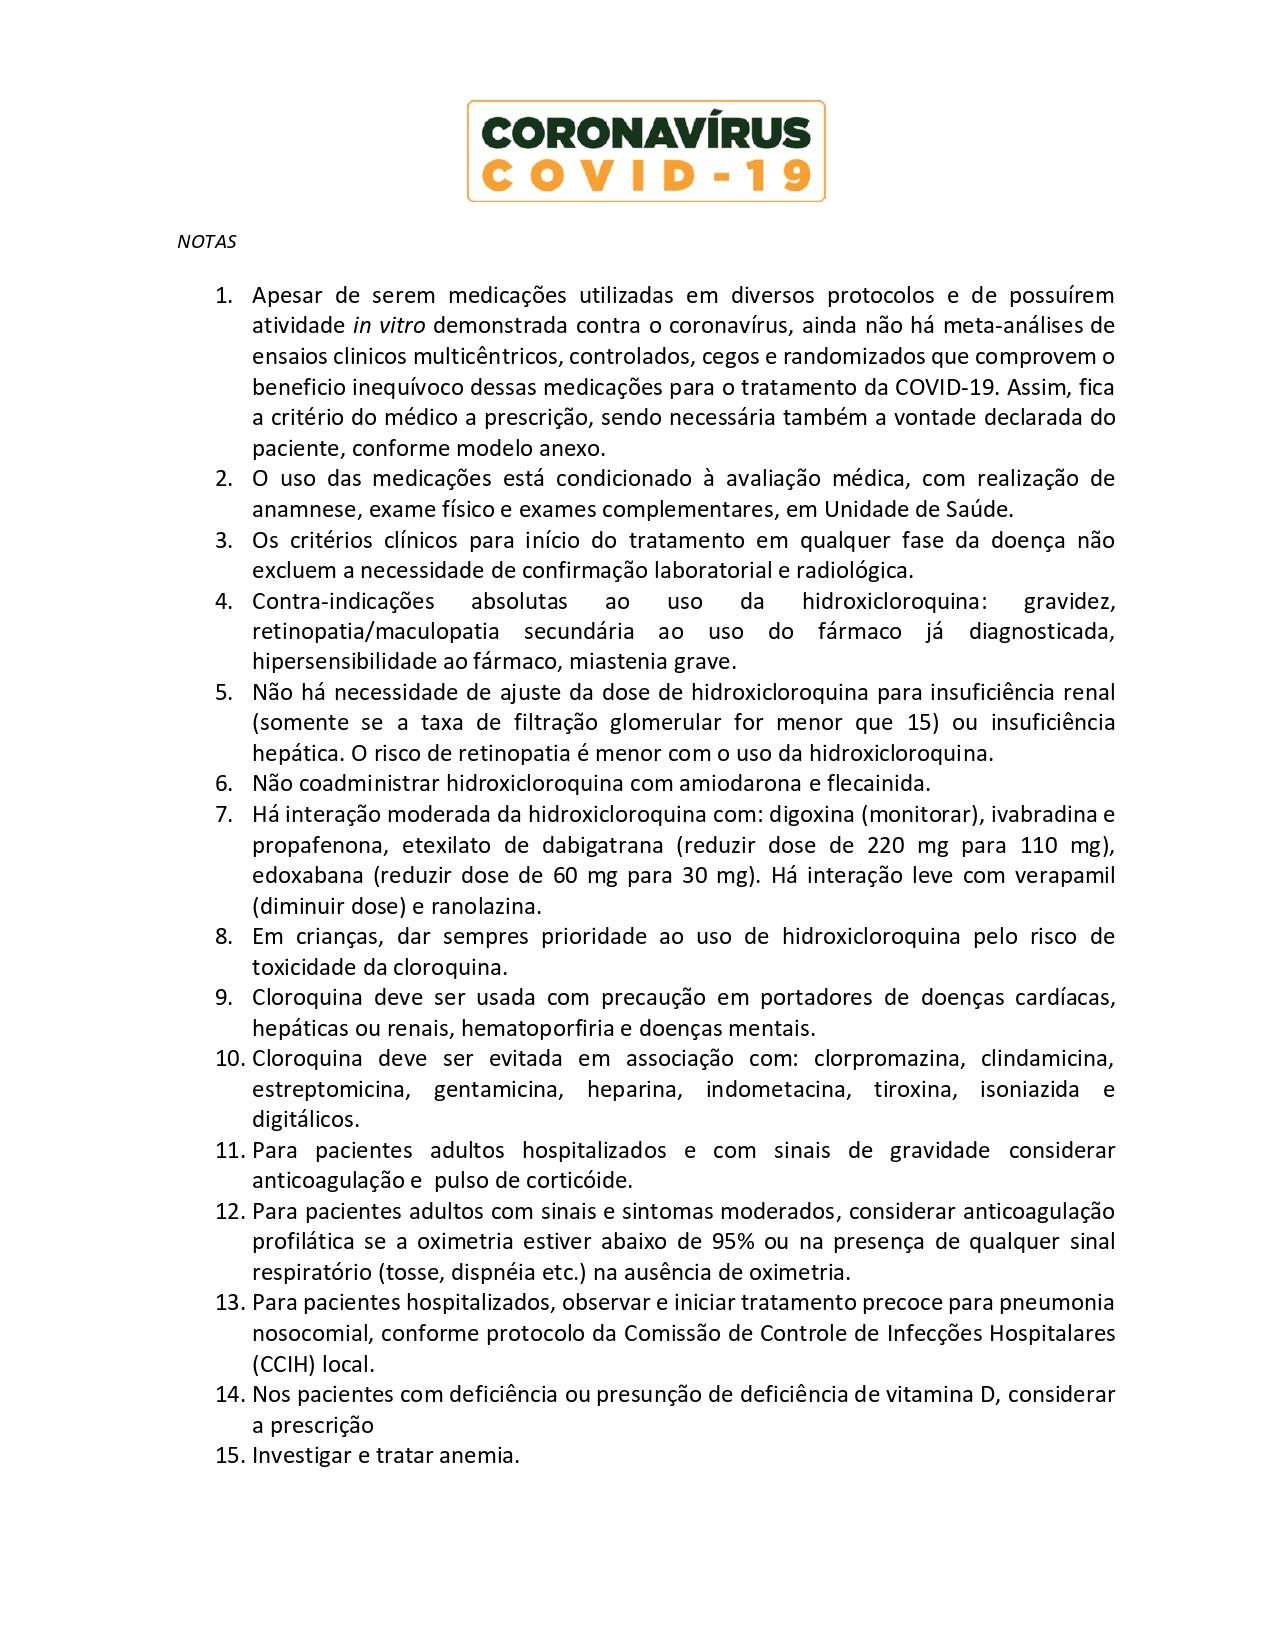 ORIENTAÇÕES DO MINISTÉRIO DA SAÚDE - hidroxi.cloroquina_page-0006